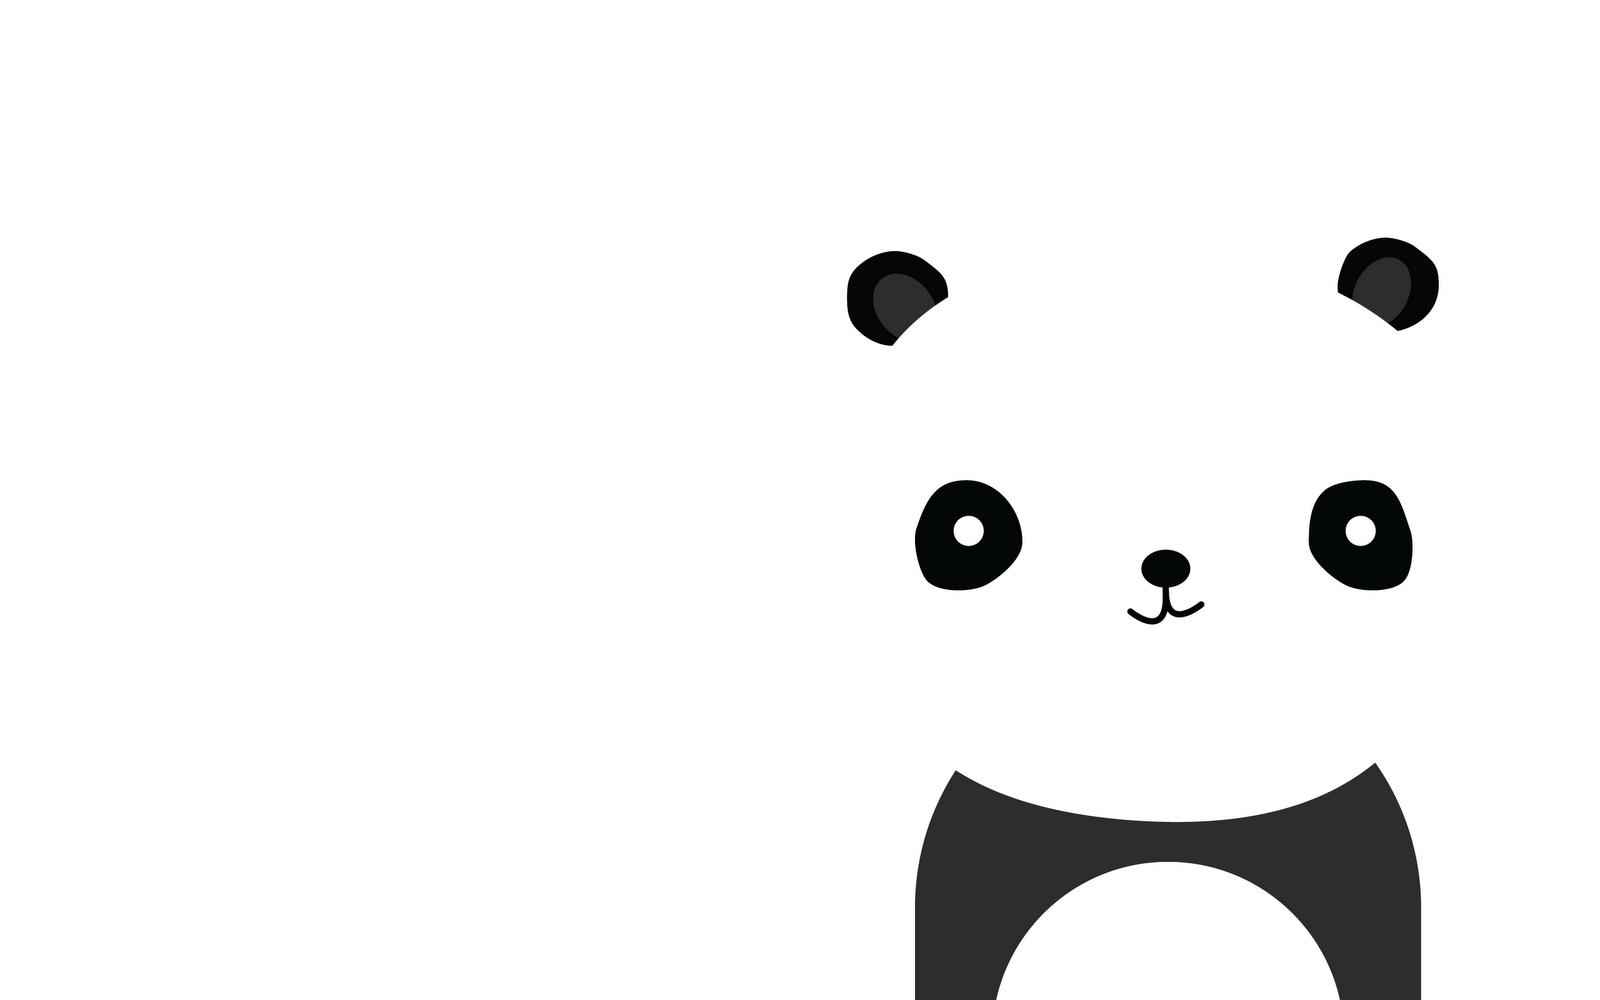 Wallpaper iphone white tumblr - Wallpapers For Cute Panda Wallpaper Iphone